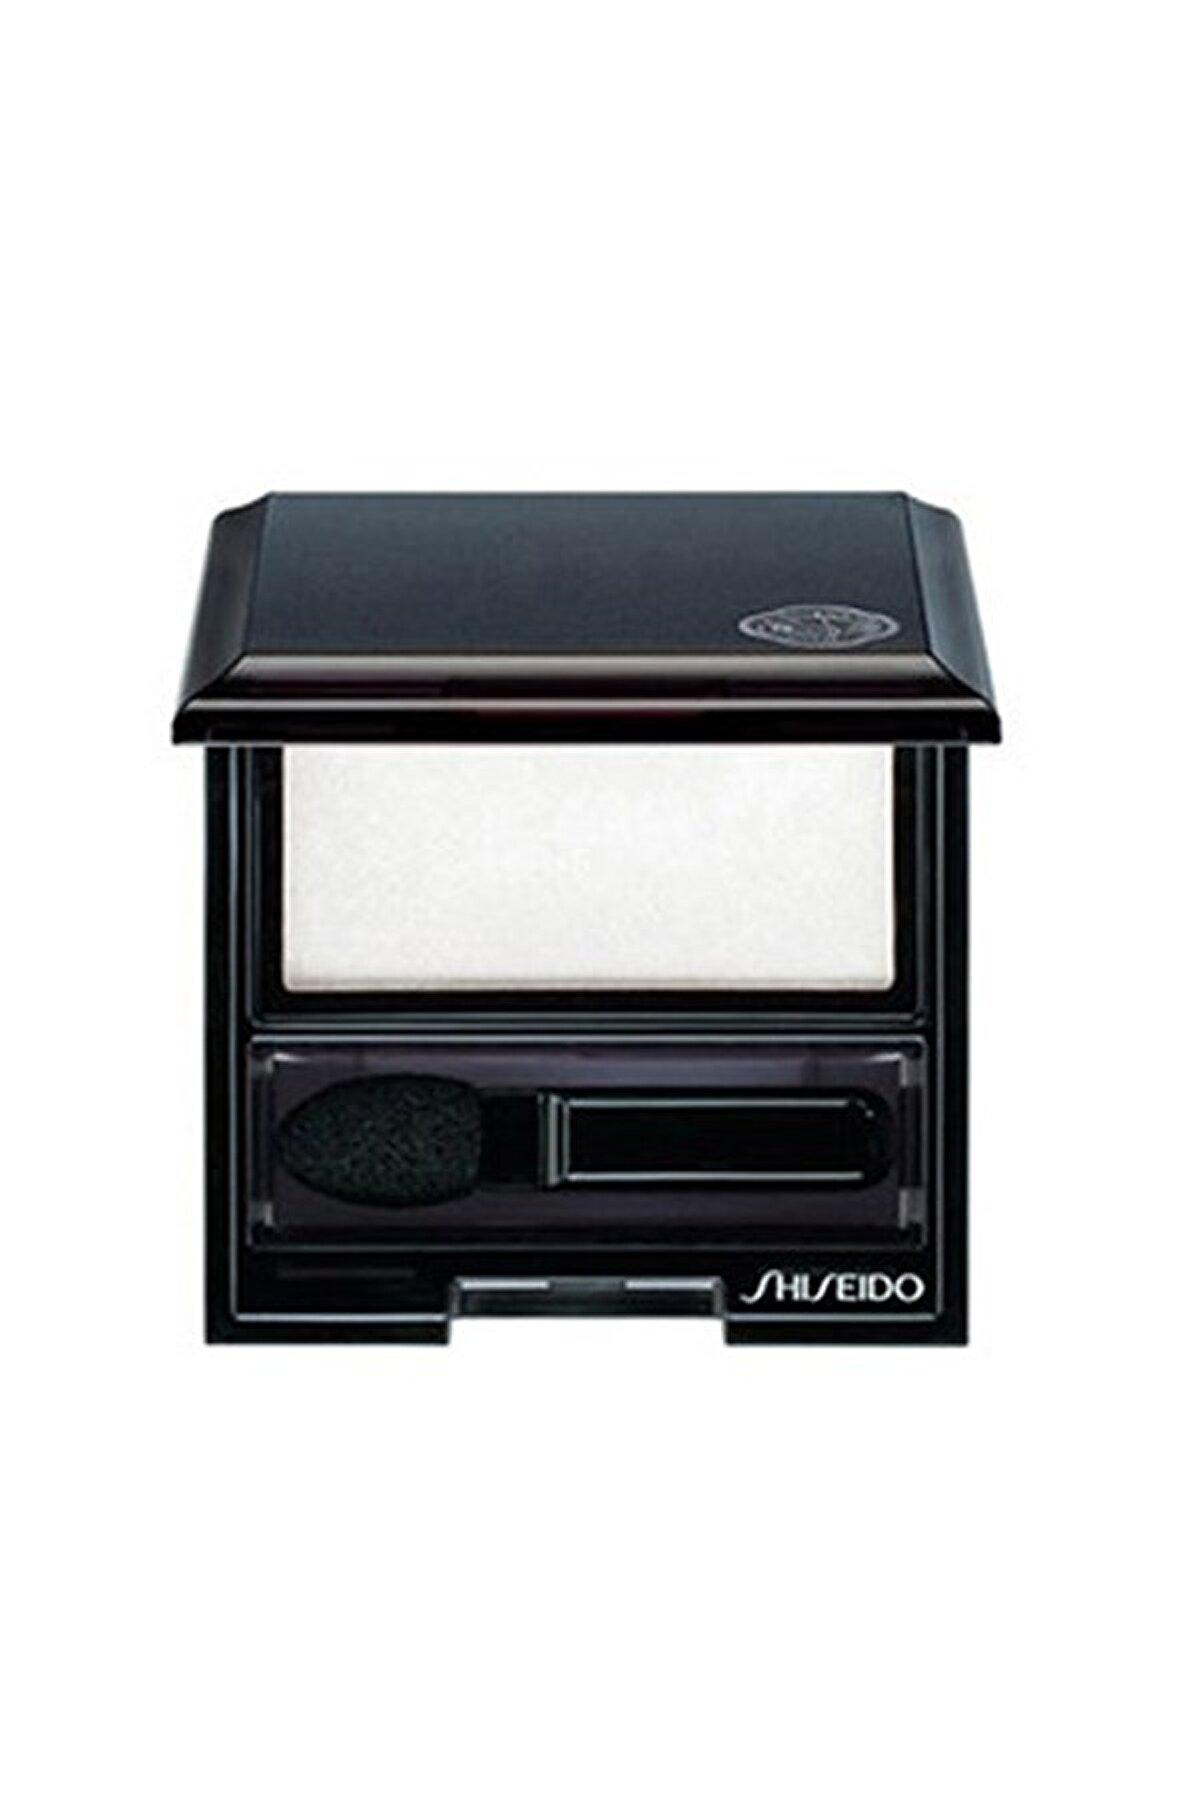 Shiseido Saten Bitişli Göz Farı - Luminizing Satin Eye Color WT907 729238500846